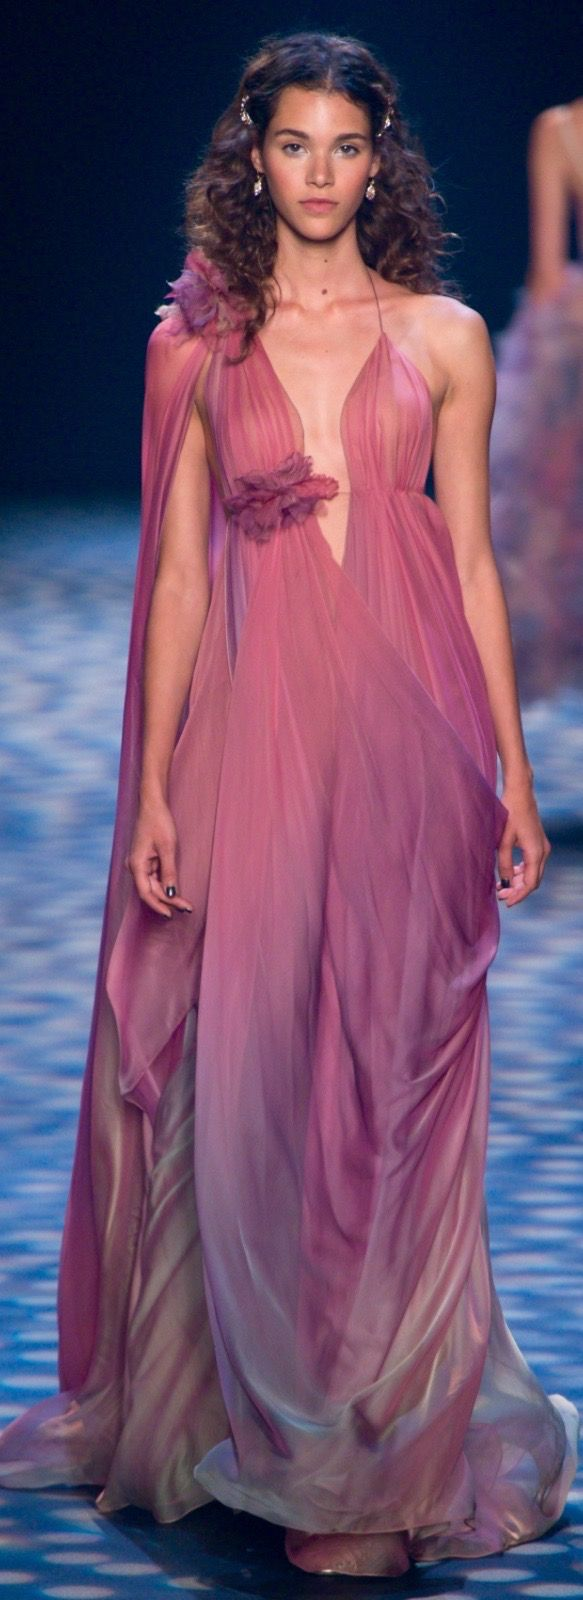 84 best D r e s s e s images on Pinterest | Ball gown, Ballroom ...